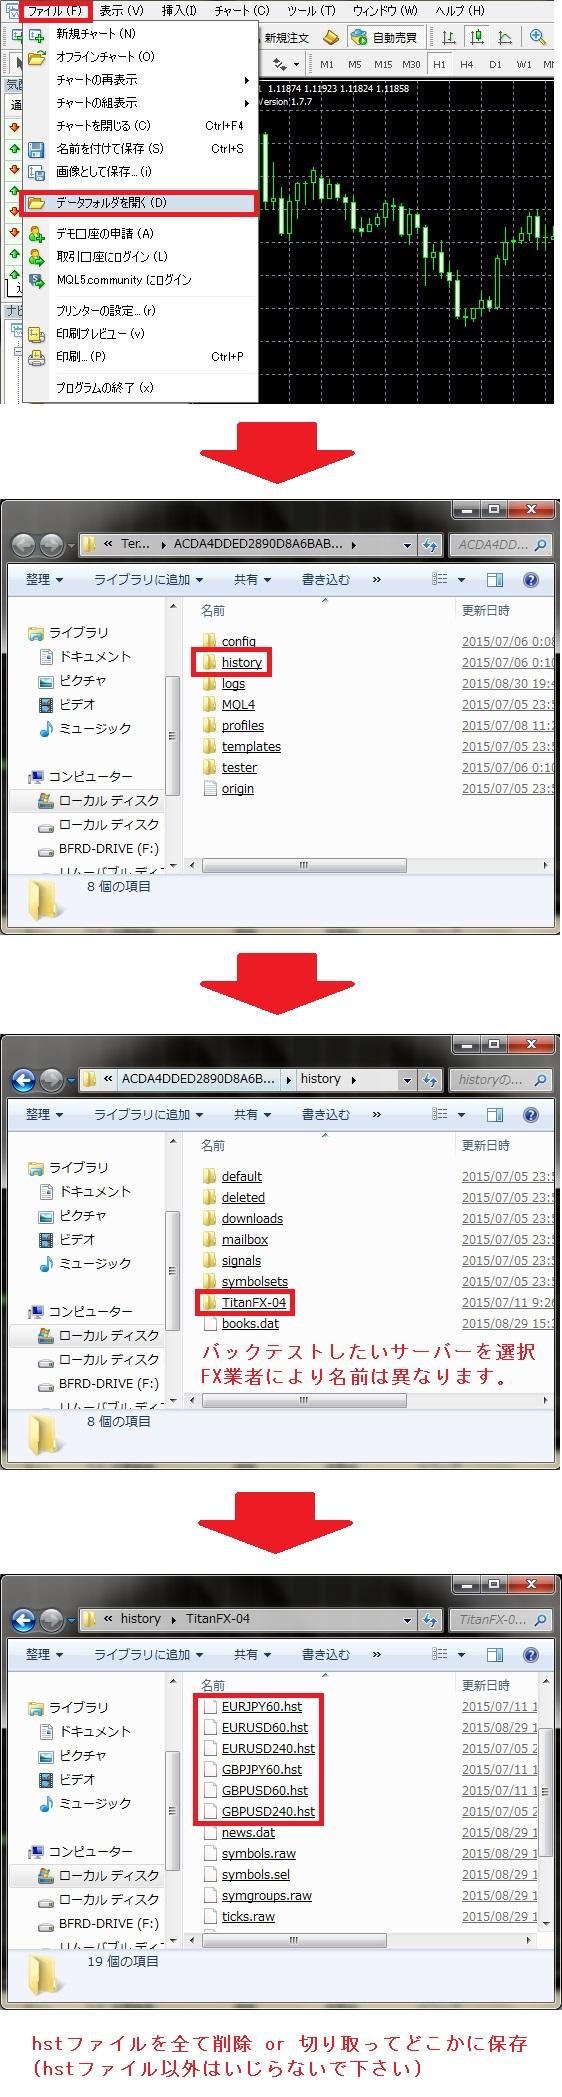 MT4_historydata26